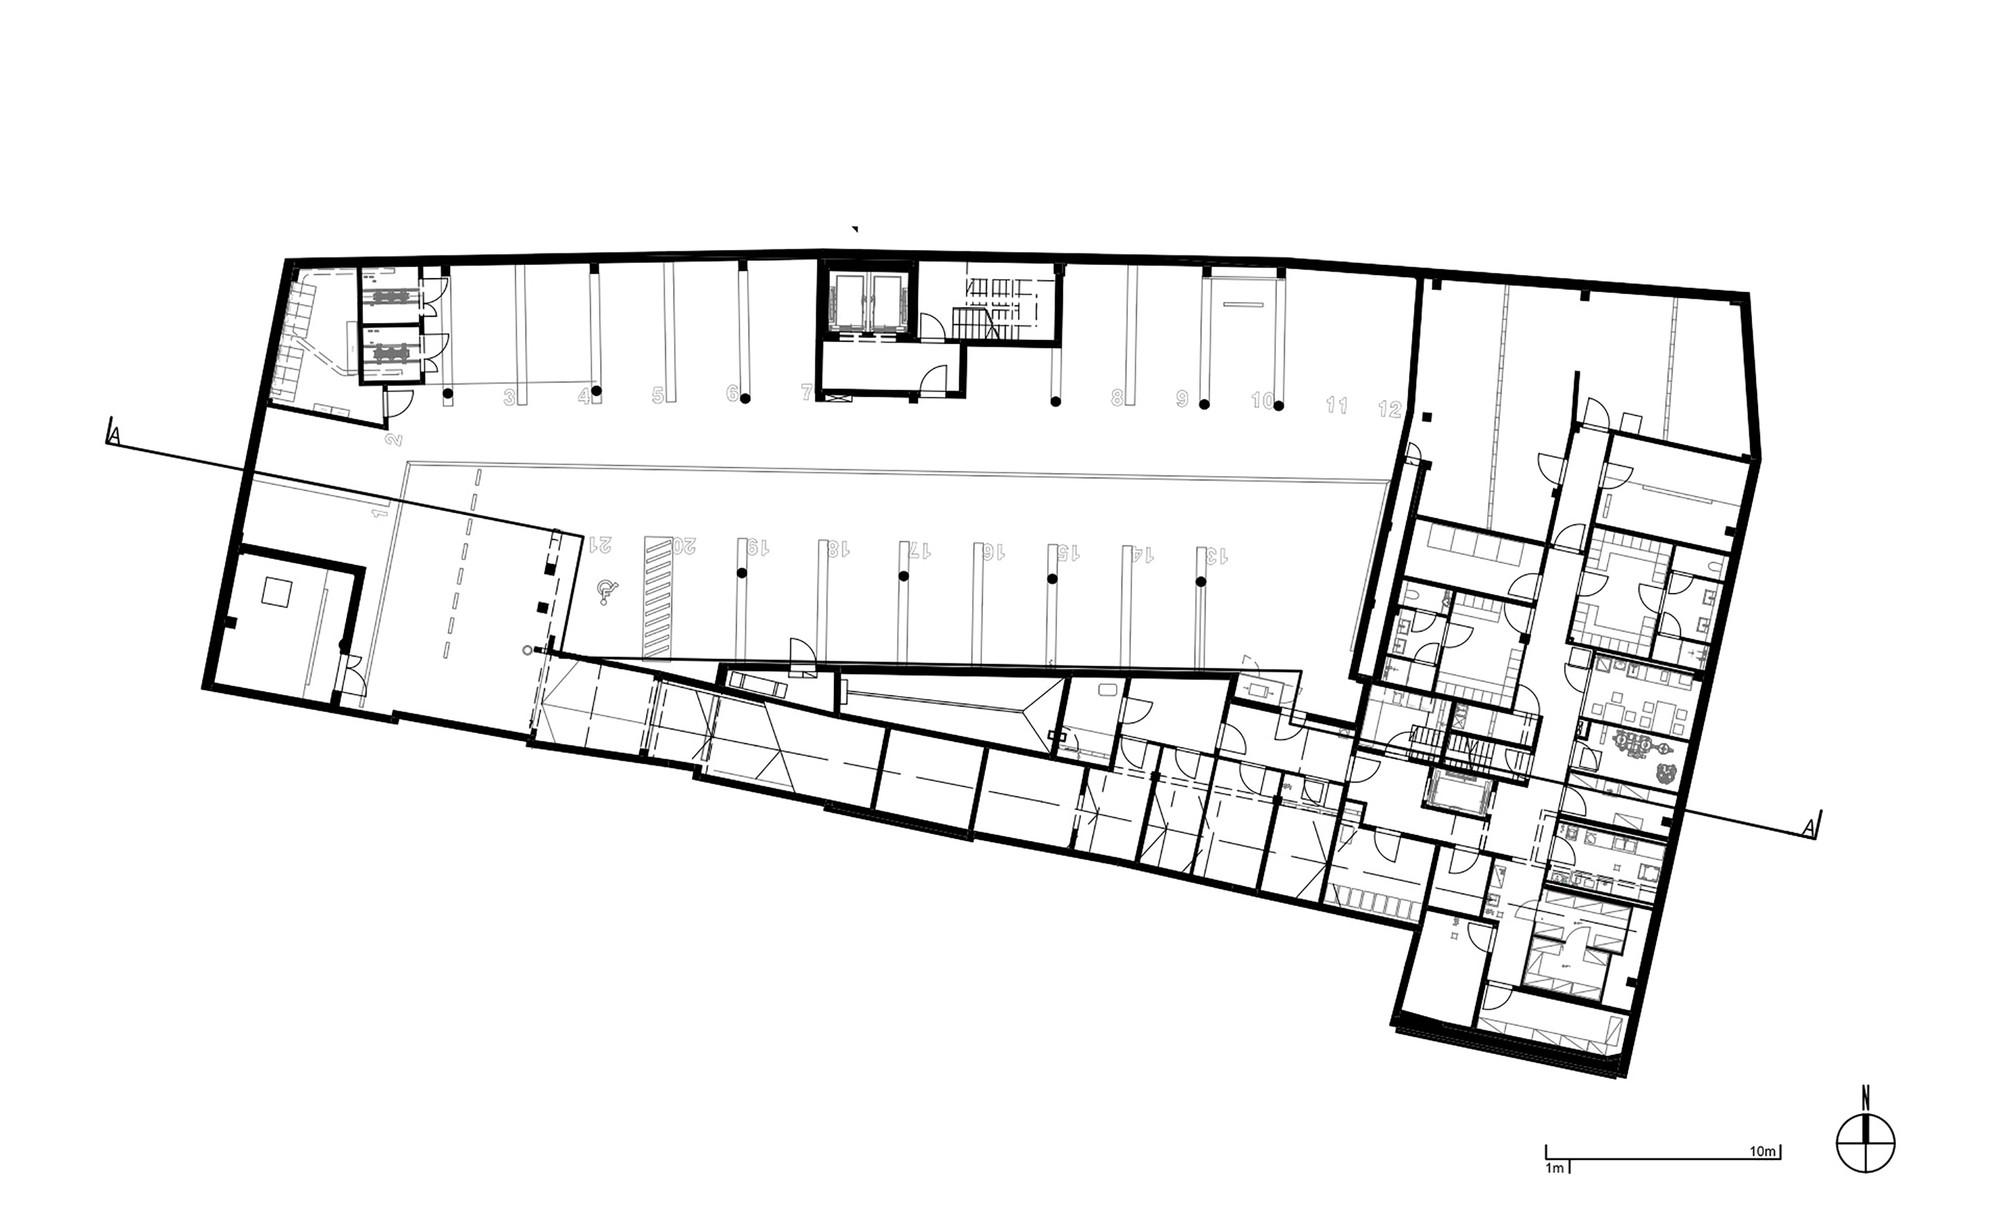 Gallery of puro hotel asw architekci ankiersztajn stankiewicz wro ski 12 - Design a basement floor plan ...